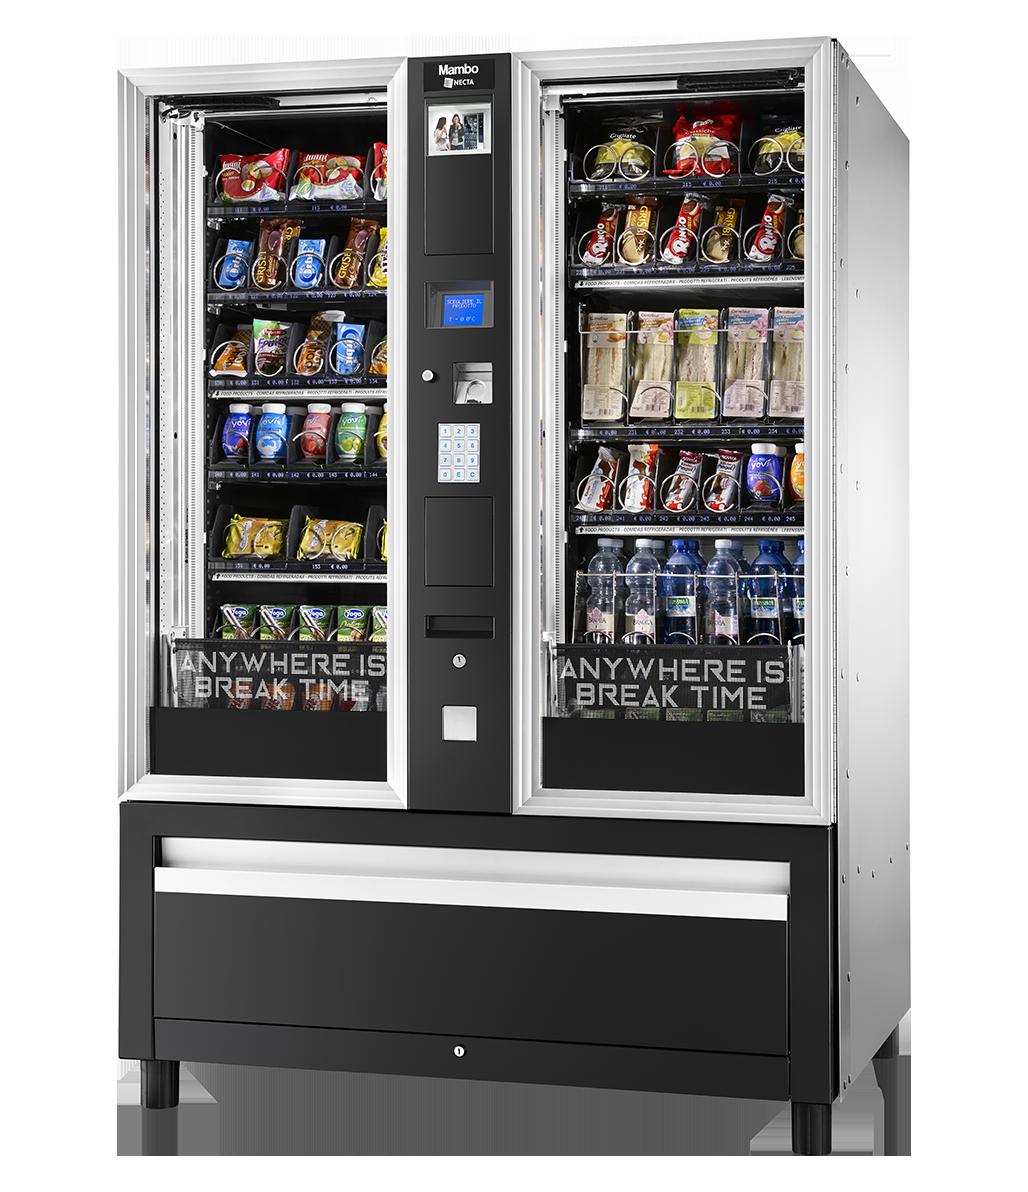 kombiautomat-necta-mambo-vending-automat-warenautomat